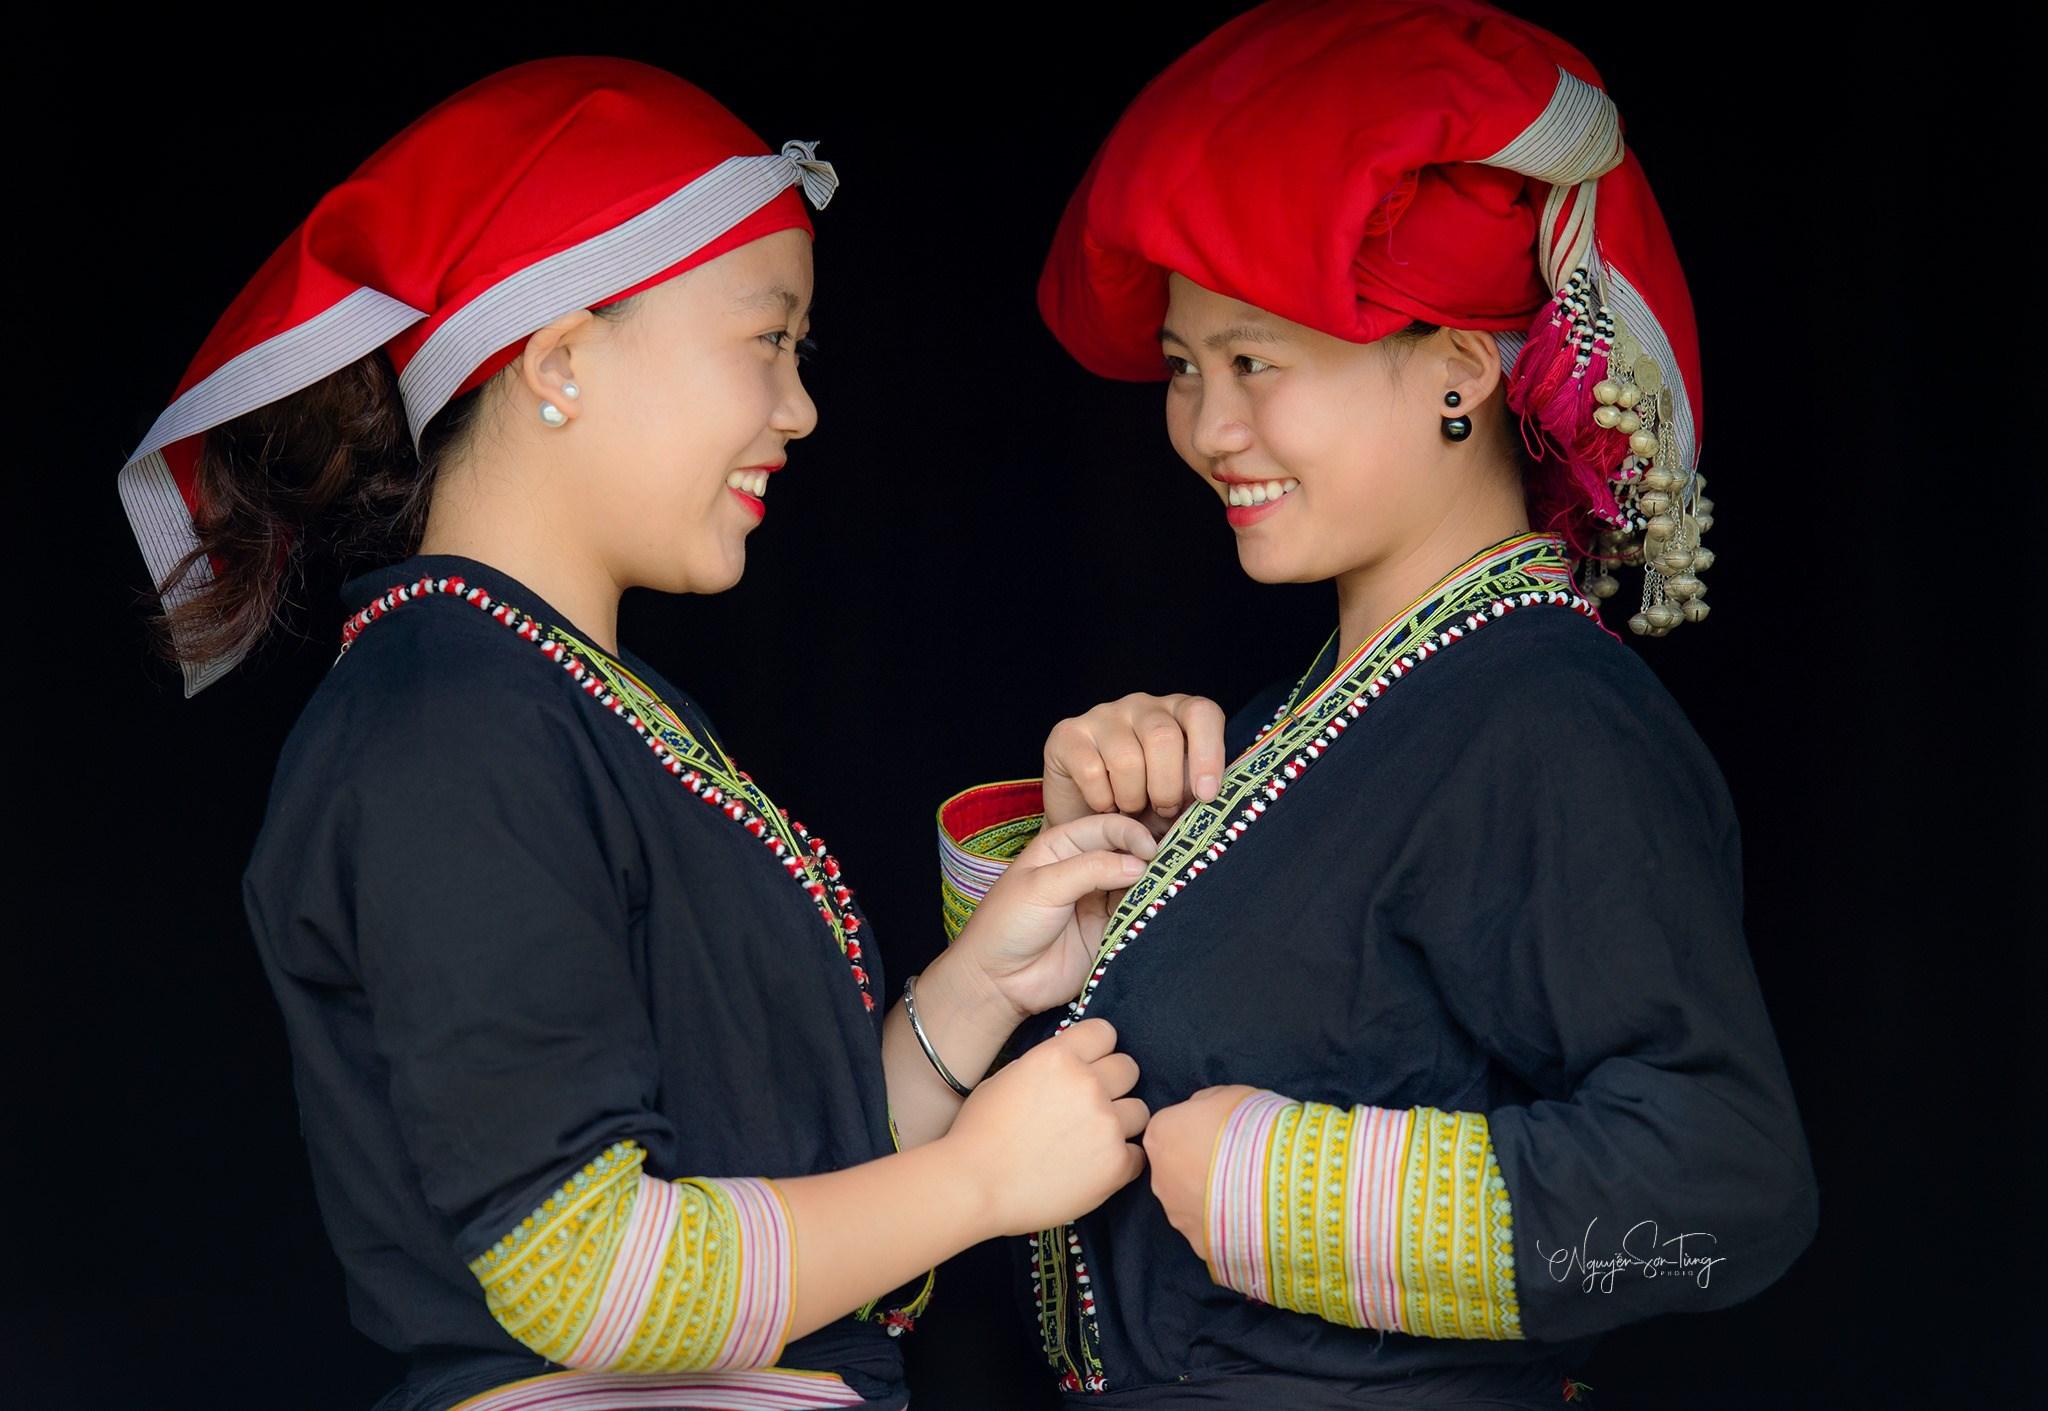 Chị em phụ nữ Dao Đỏ xã Bản Khoang, huyện Sa Pa (Lào Cai) chia sẻ về may trang phục truyền thống.